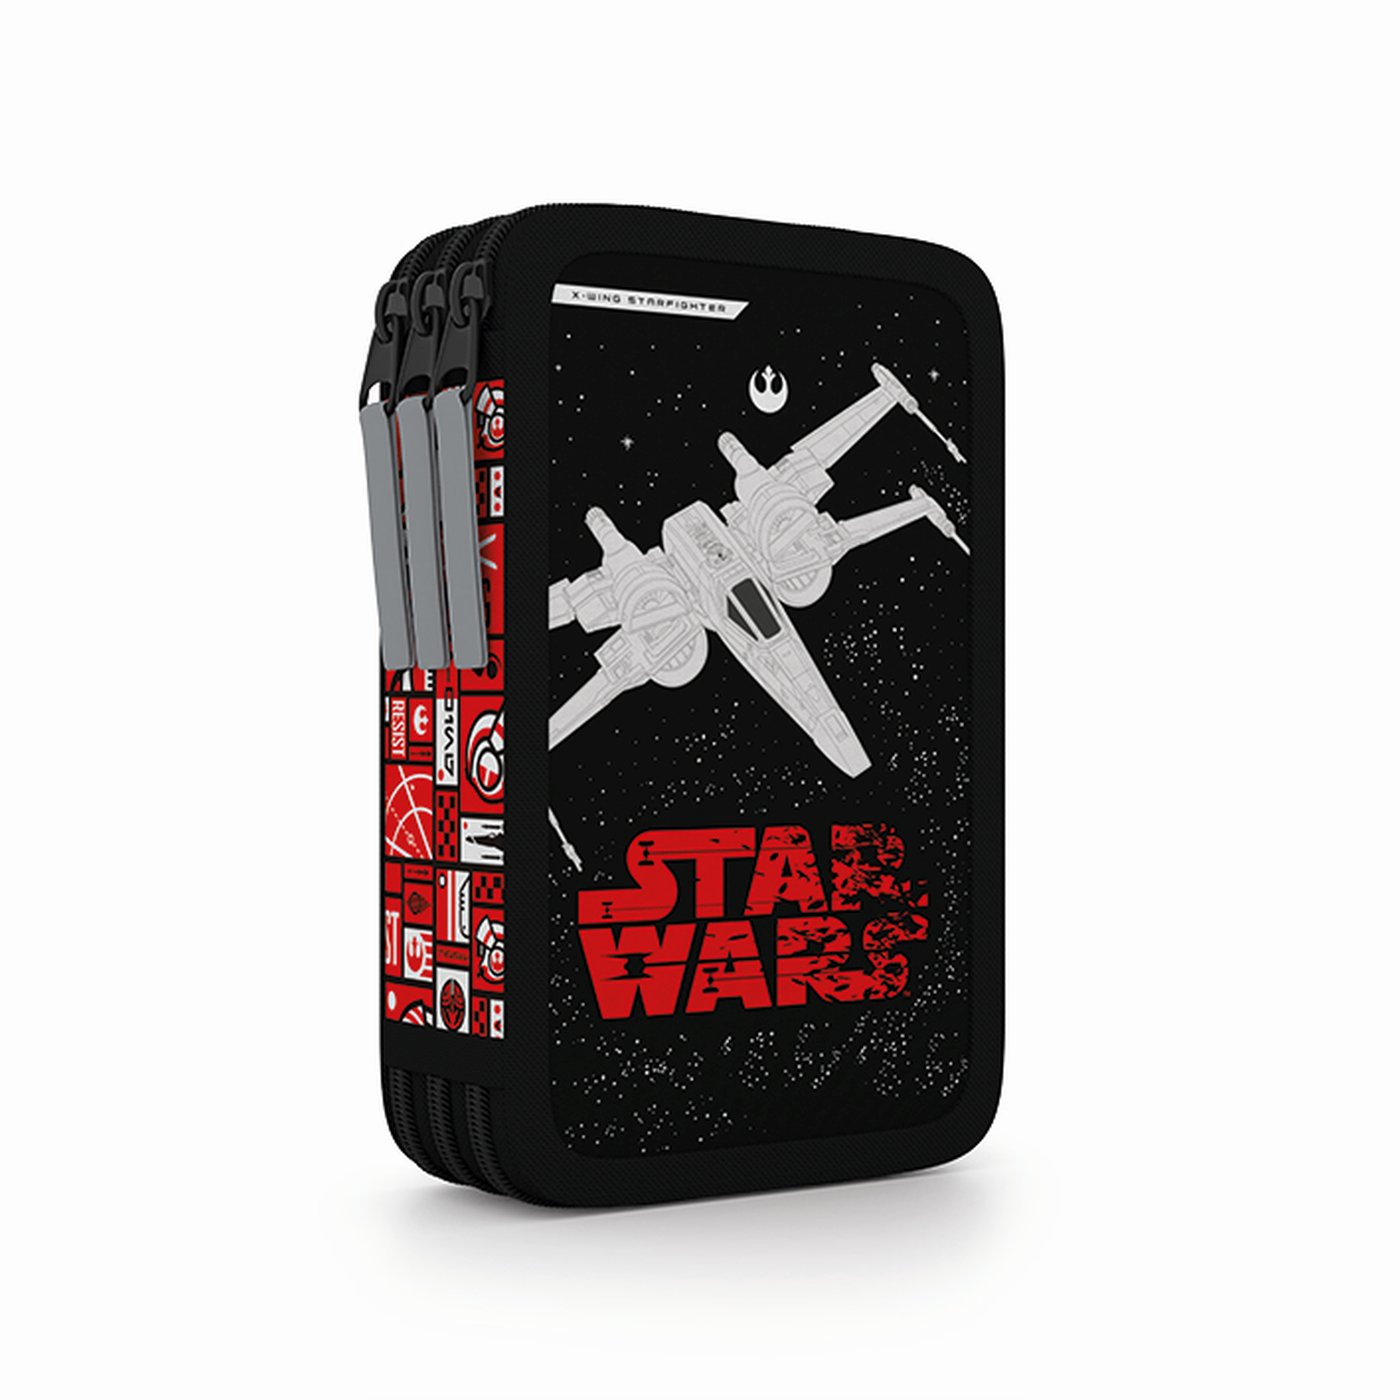 Penál 3 p. prázdný Star Wars - Školní potřeby » PENÁLY NENAPLNĚNÉ ... 4fd4678f89